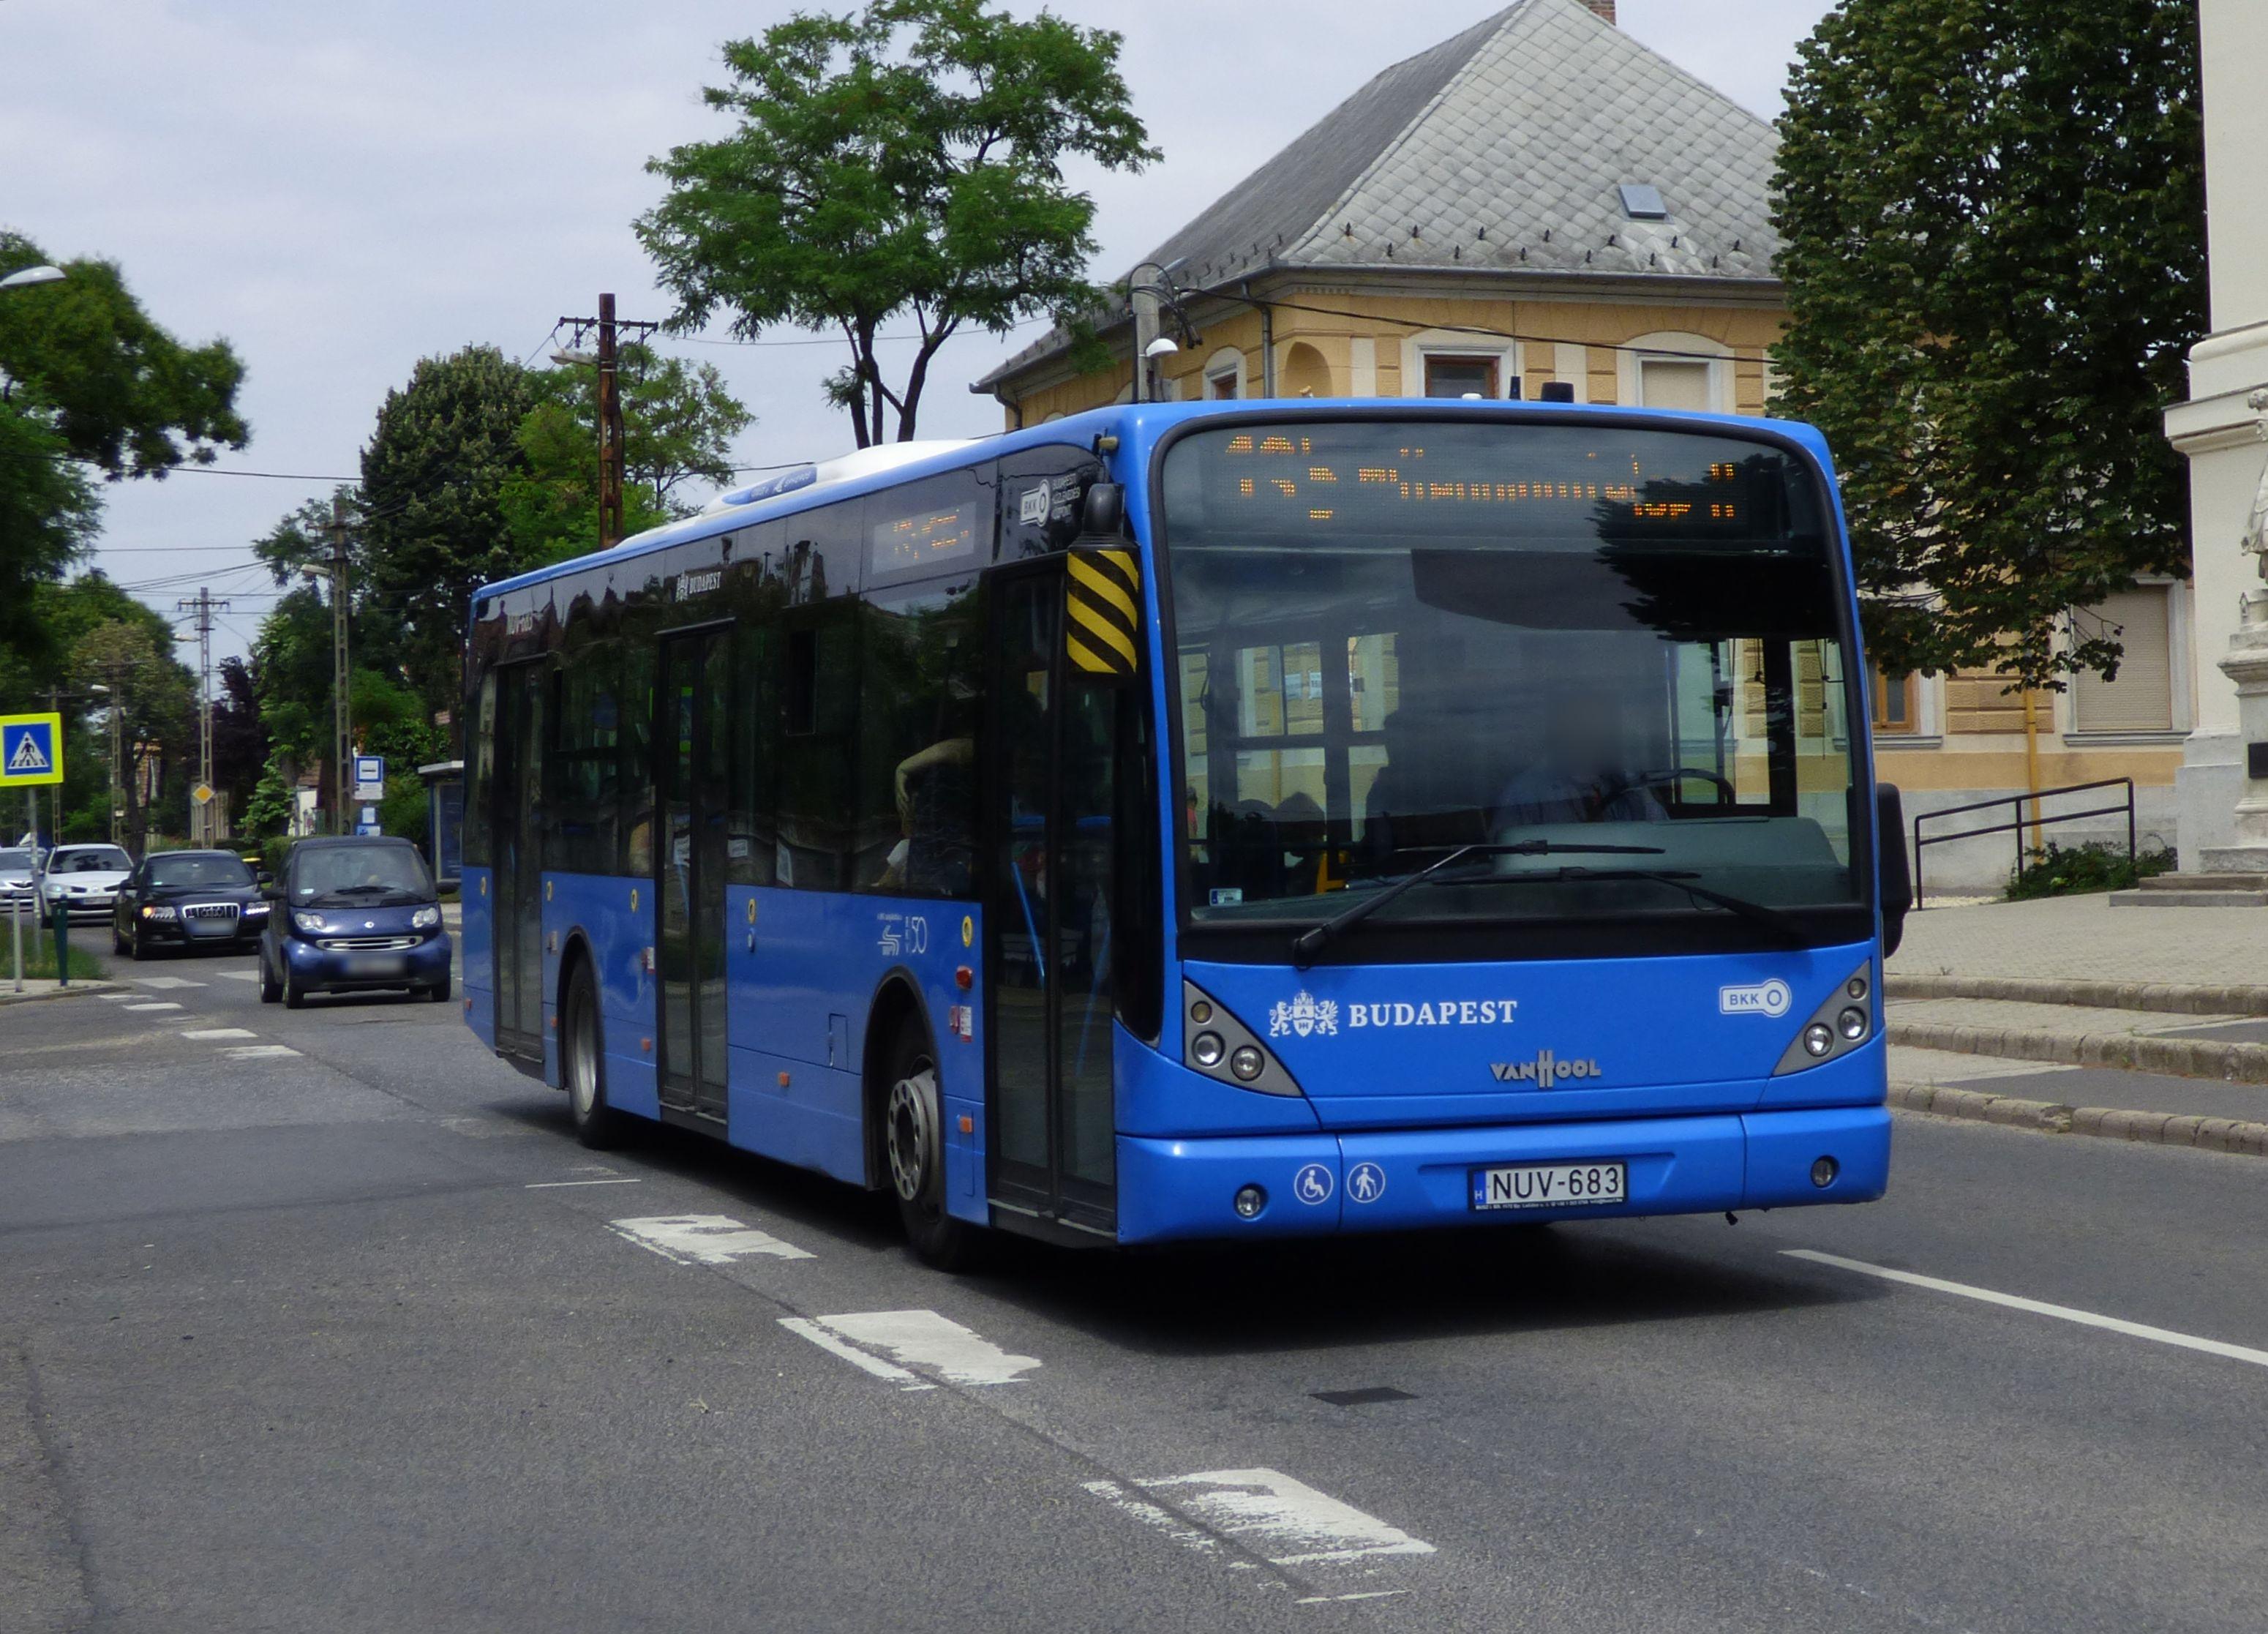 9eaee66009fa 135-ös busz (Budapest) – Wikipédia